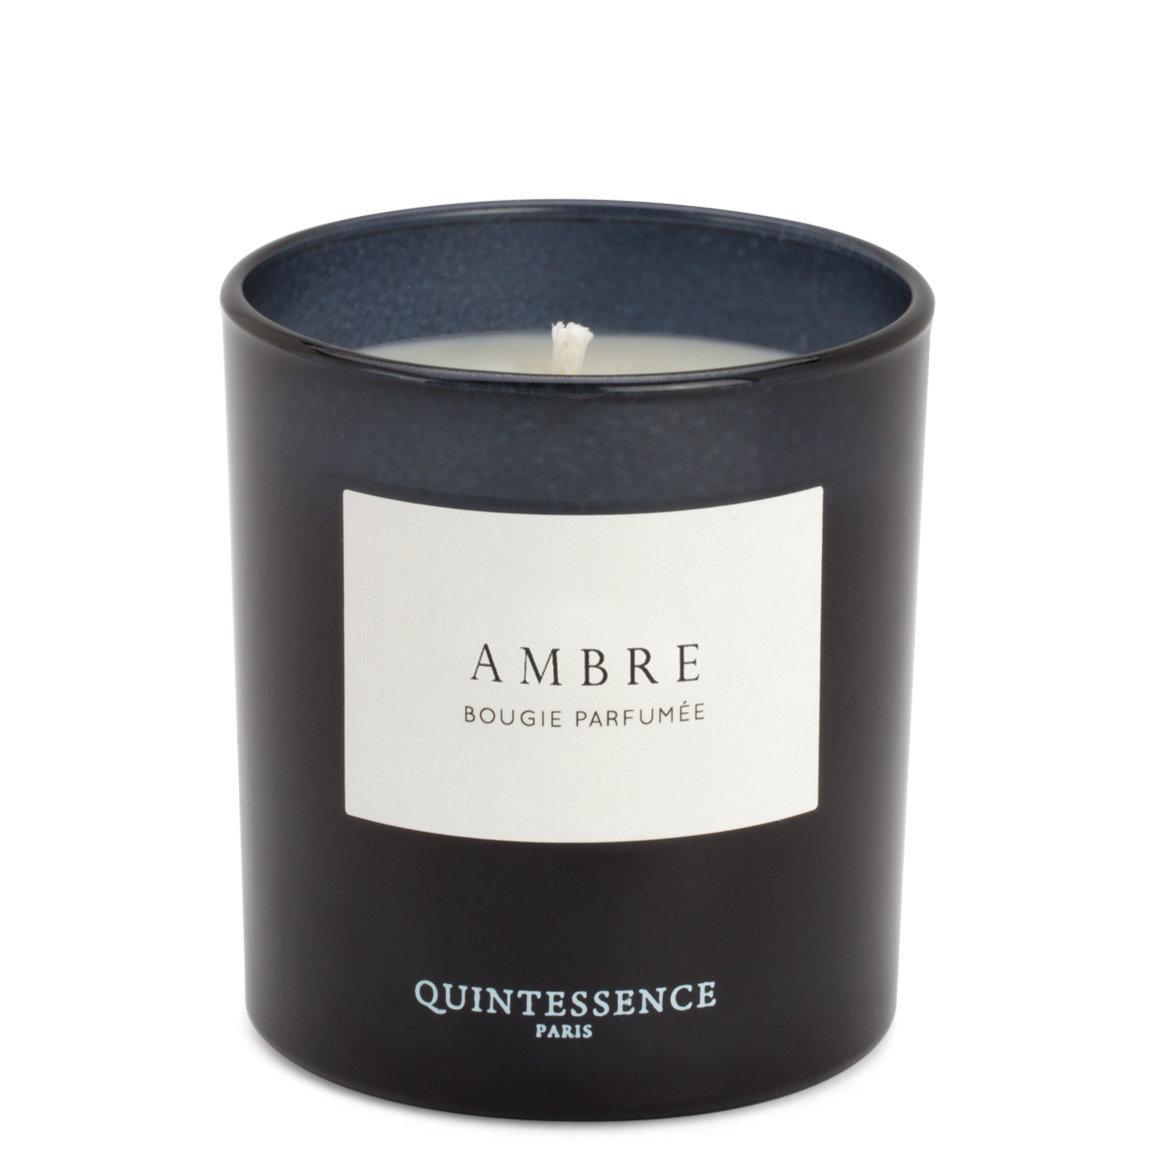 Quintessence Paris Ambre product swatch.